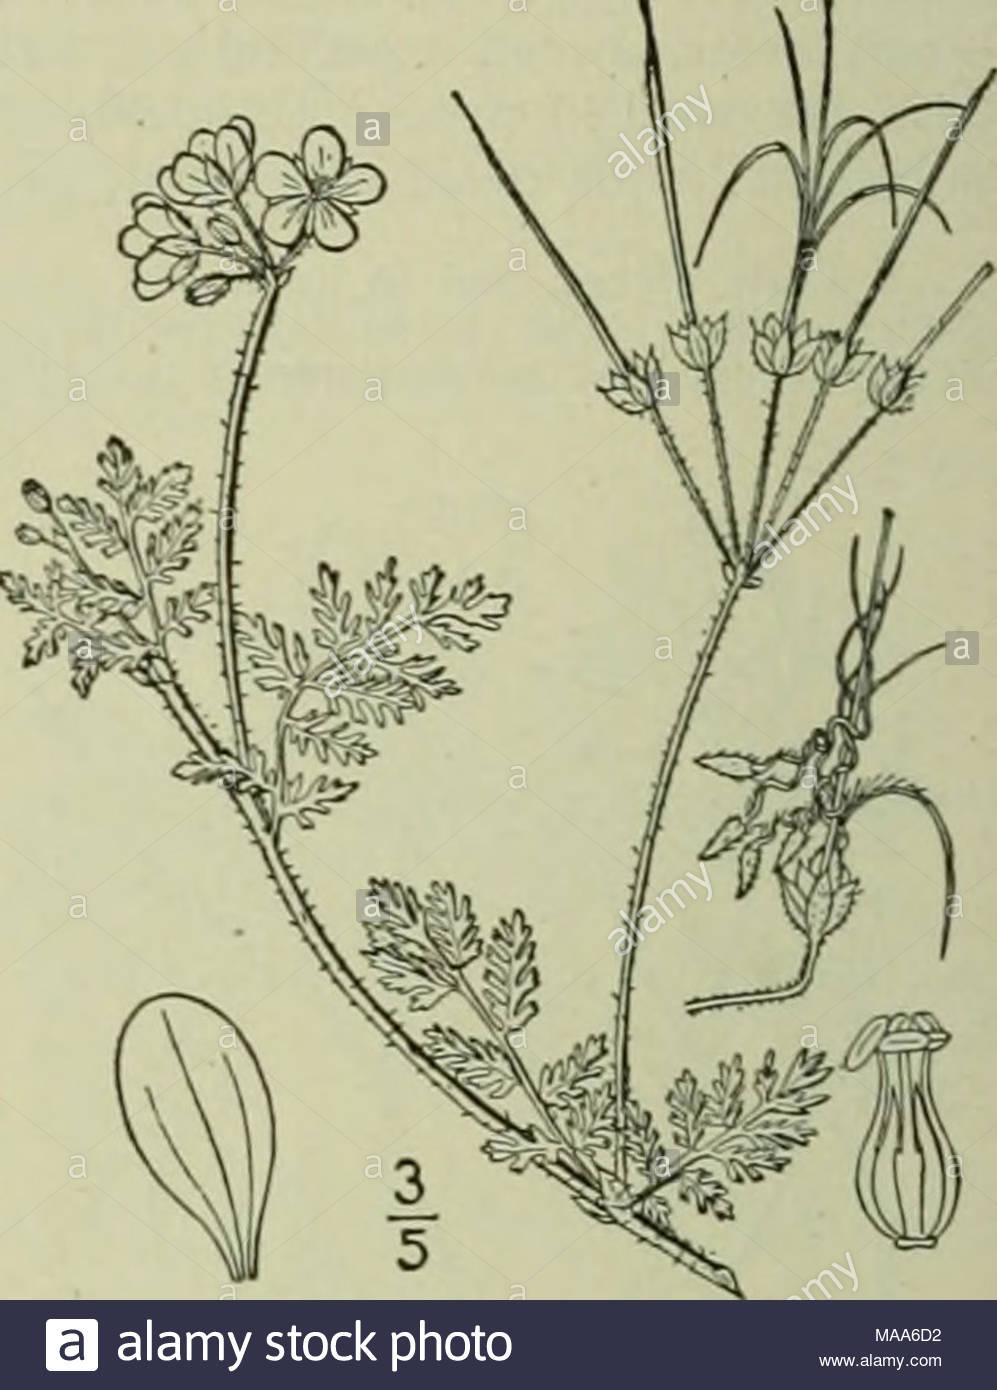 Un ilustrado de la flora del norte de Estados Unidos, Canadá y las  posesiones .